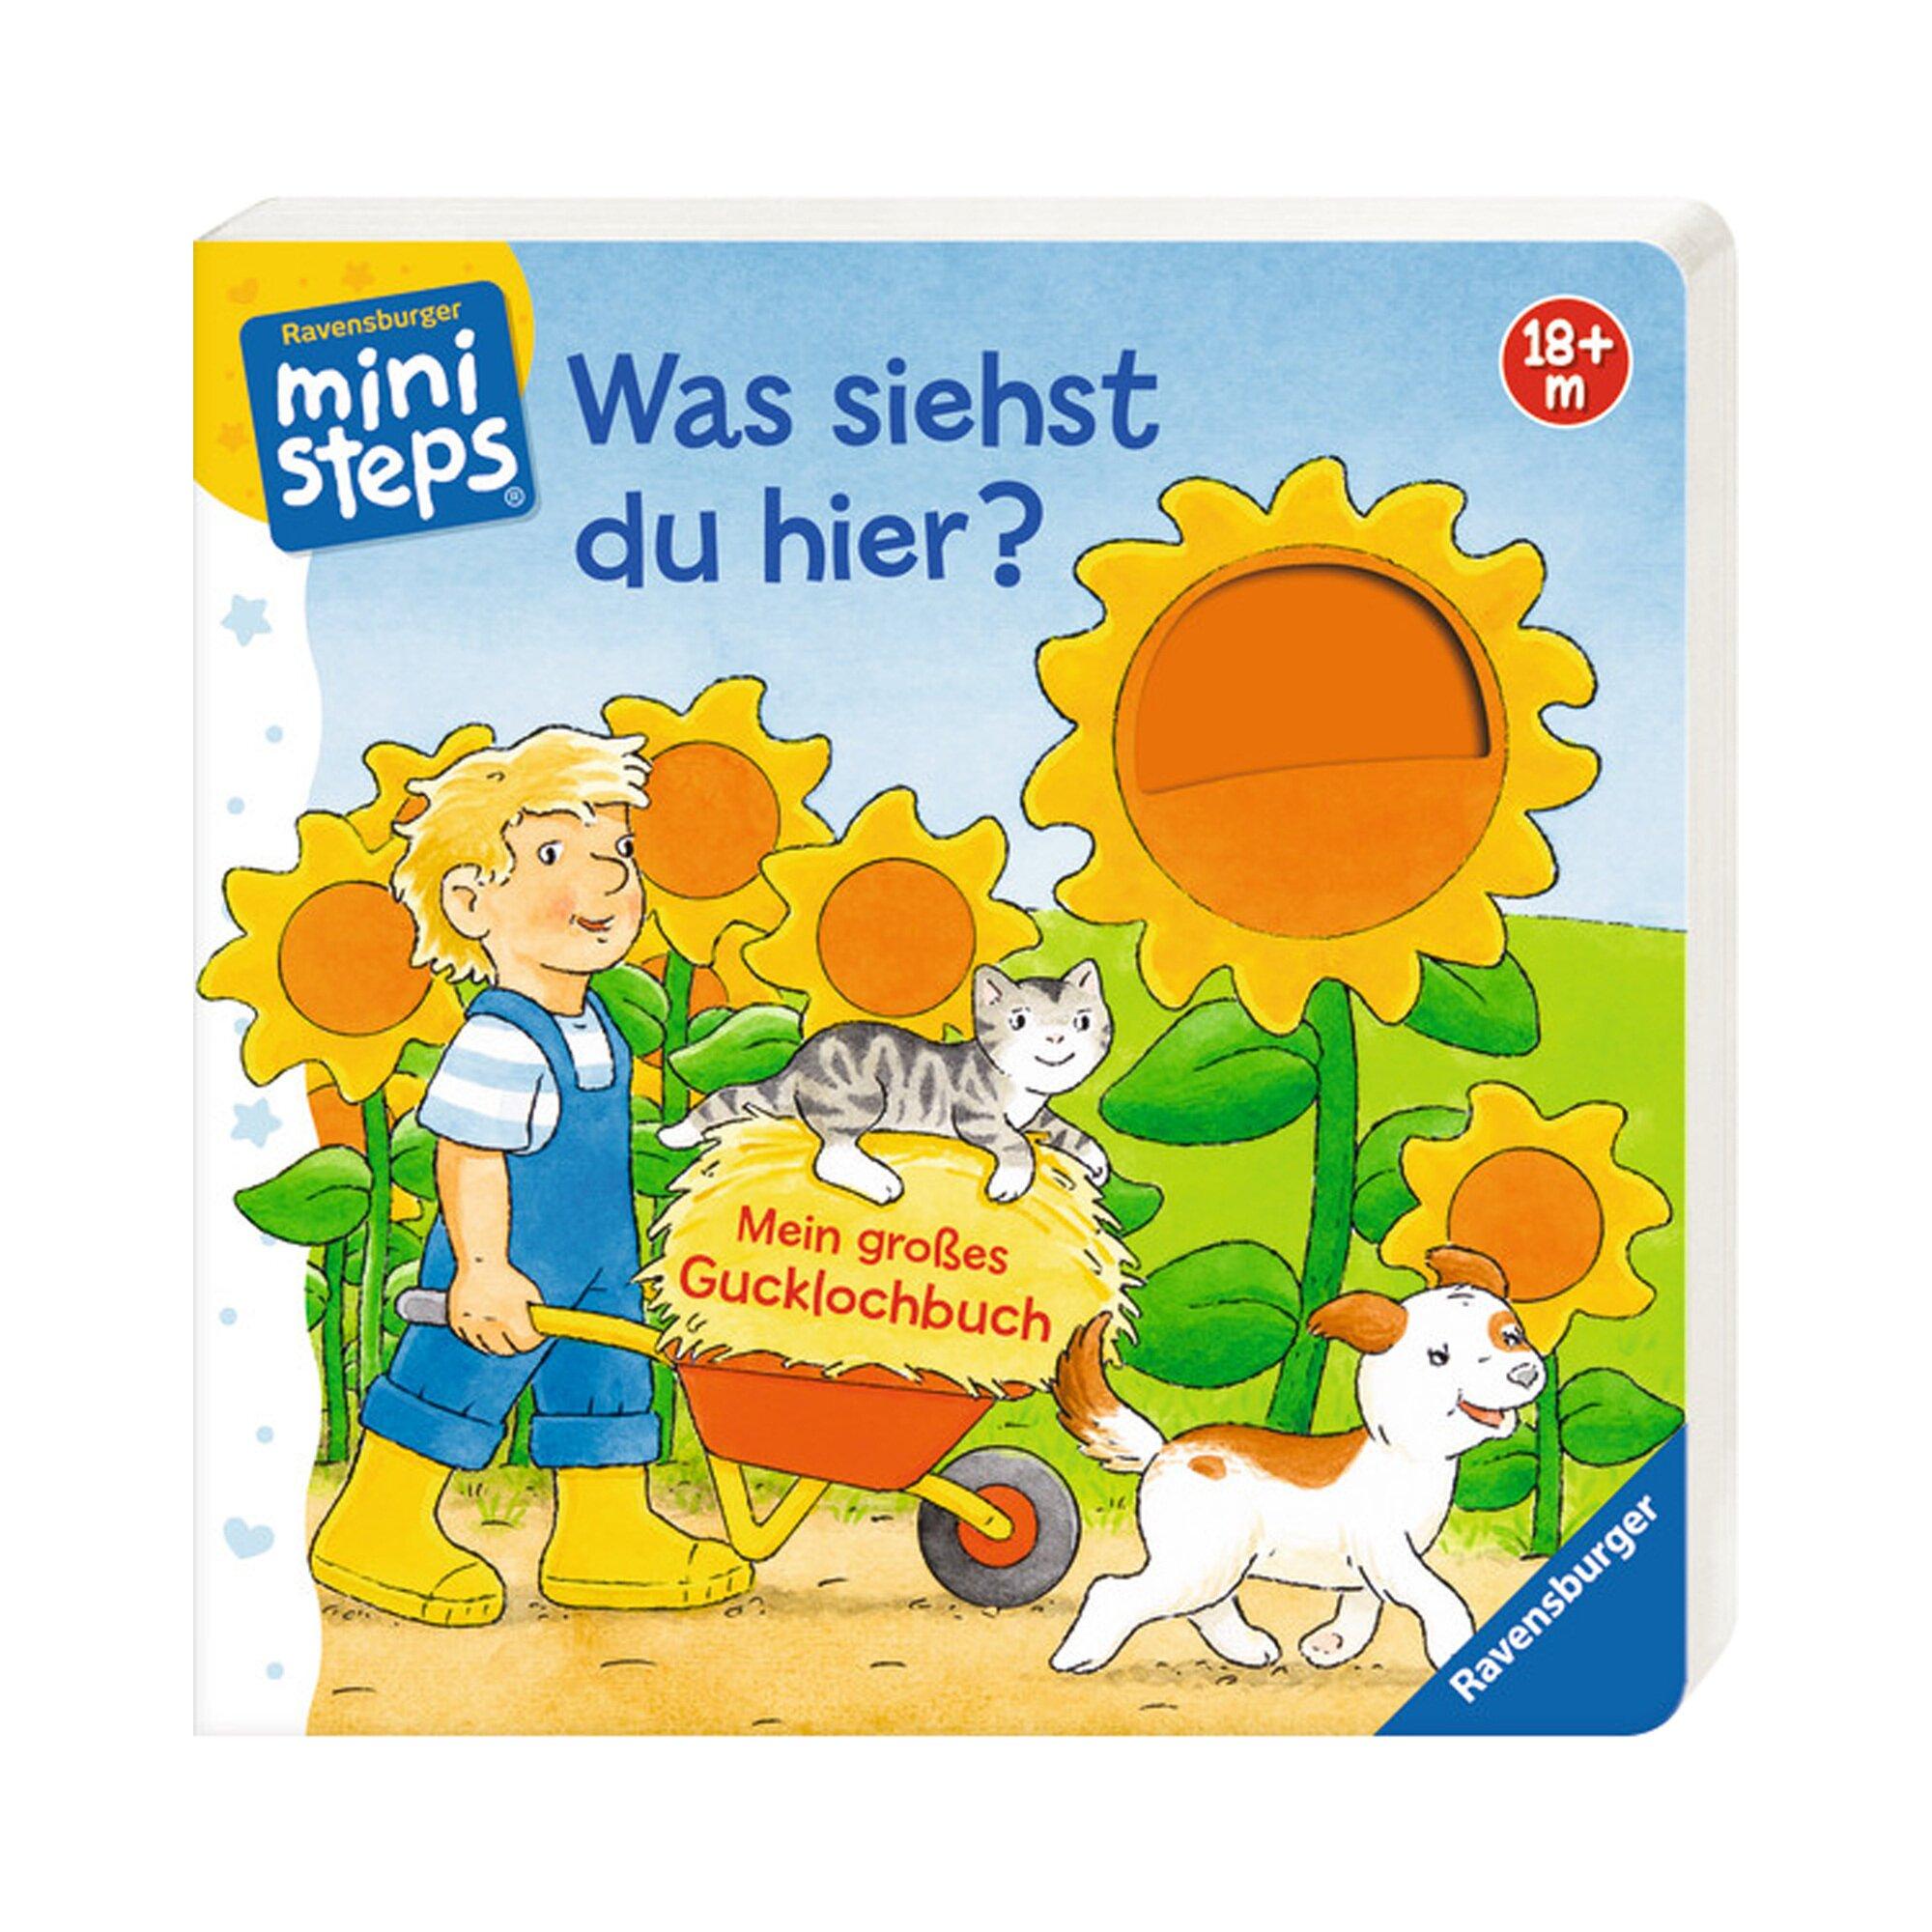 Ministeps Pappbilderbuch Was siehst du hier? Mein großes Gucklochbuch